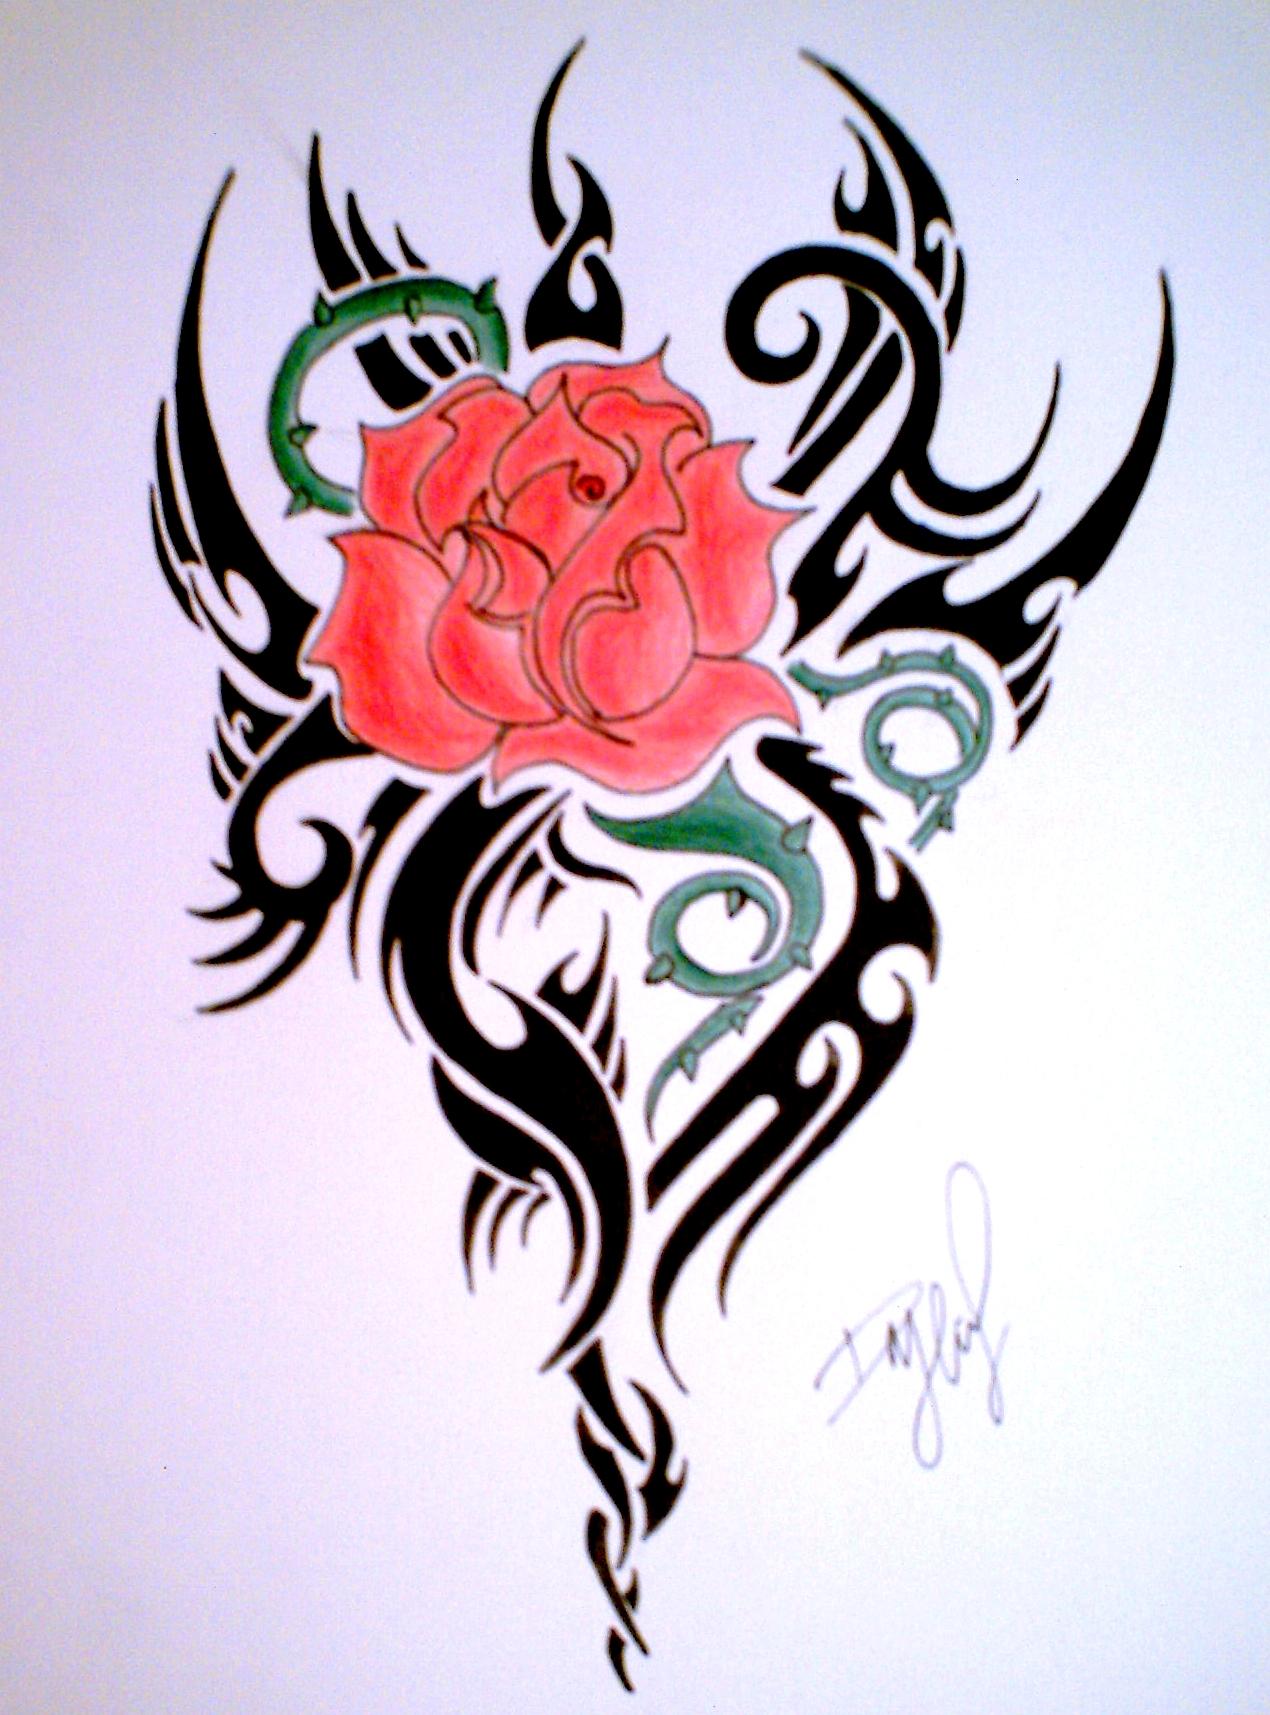 1270x1715 Tattoos Free Download Tattoo Designs Clip Art For Tattoos